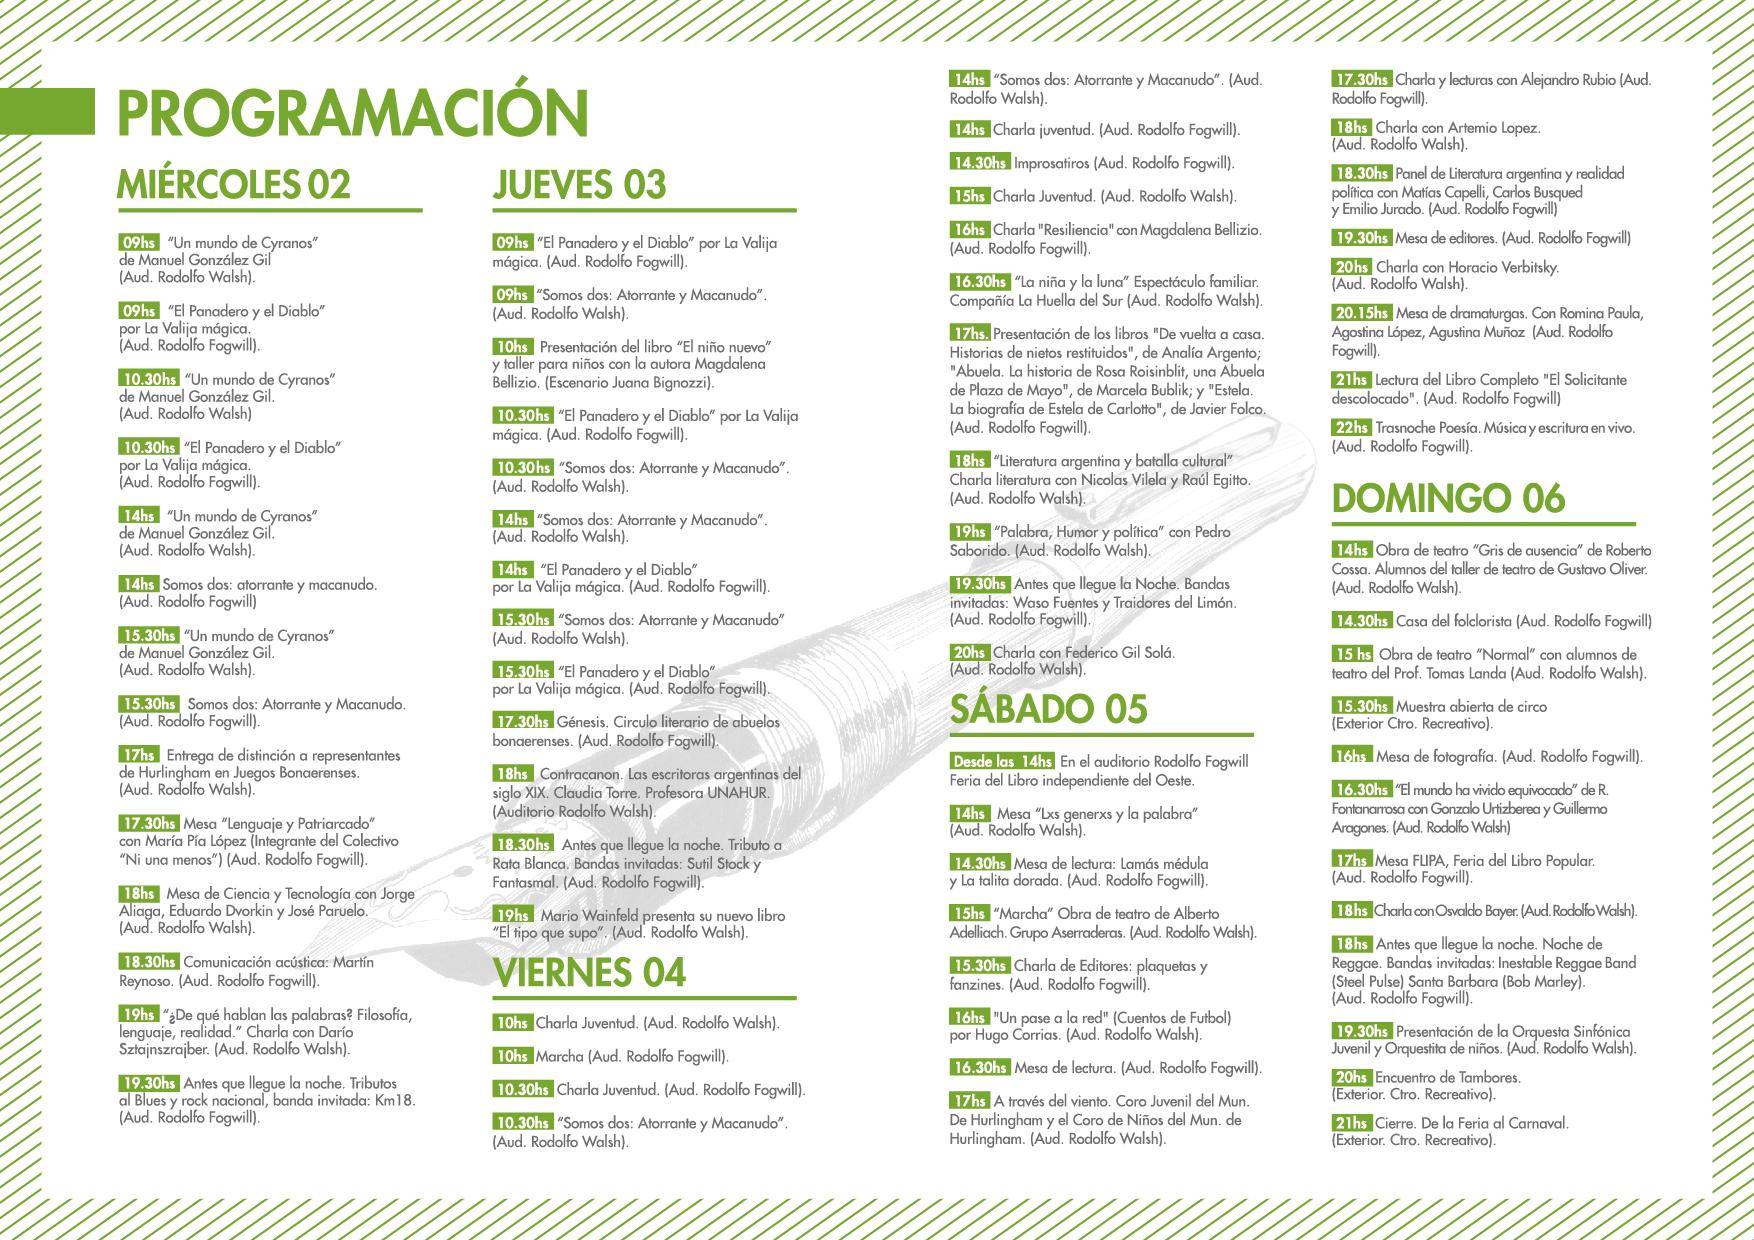 02-muestra-dorso_folleto-programa_feria-del-libro_hgm_21-cm-x-29%2c7-cm-01